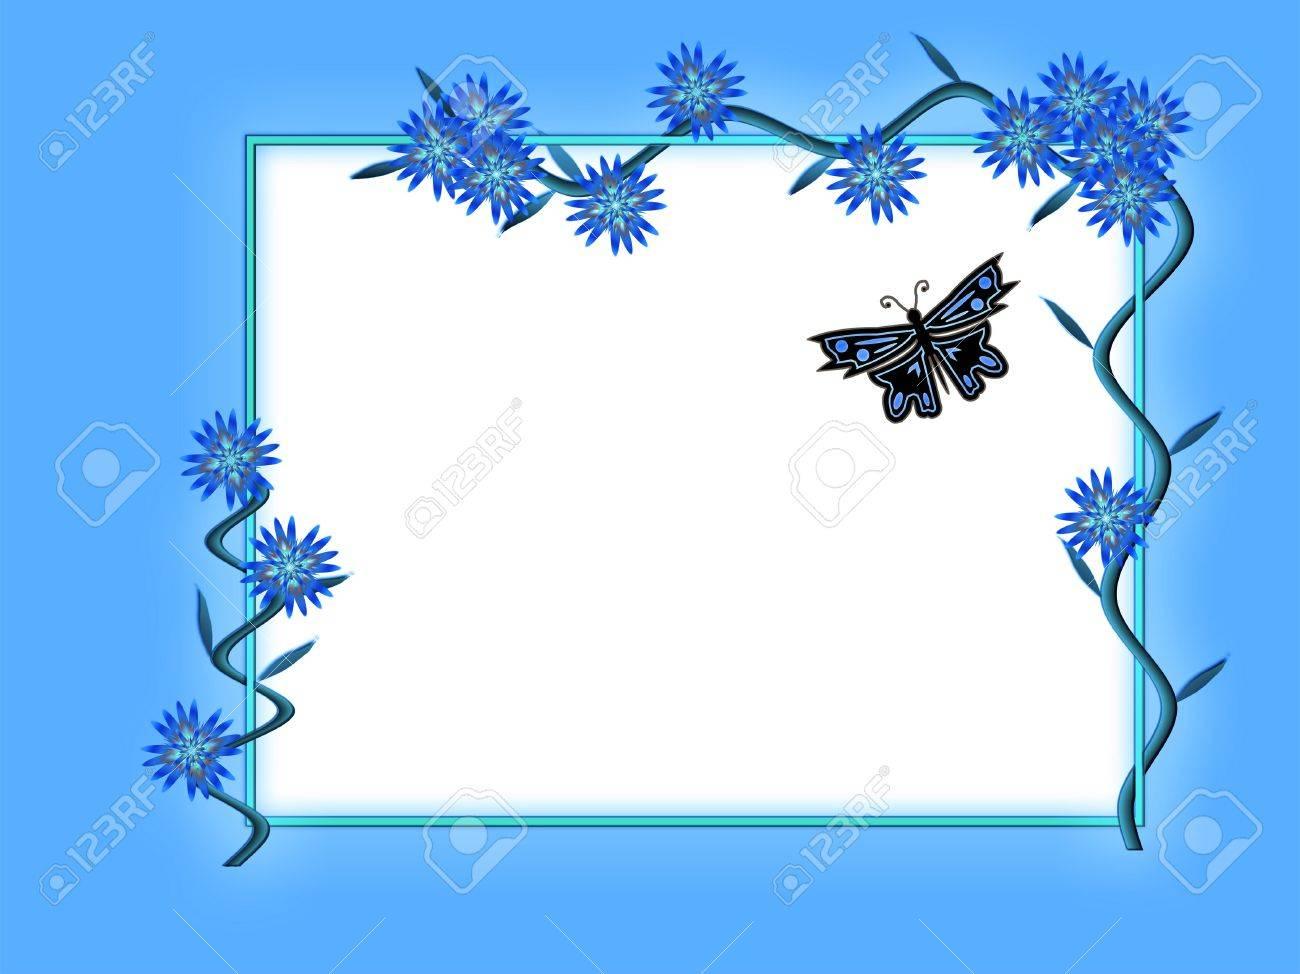 Marco Del Resorte En Tono Azul Con Flores Y Mariposas Fotos ...